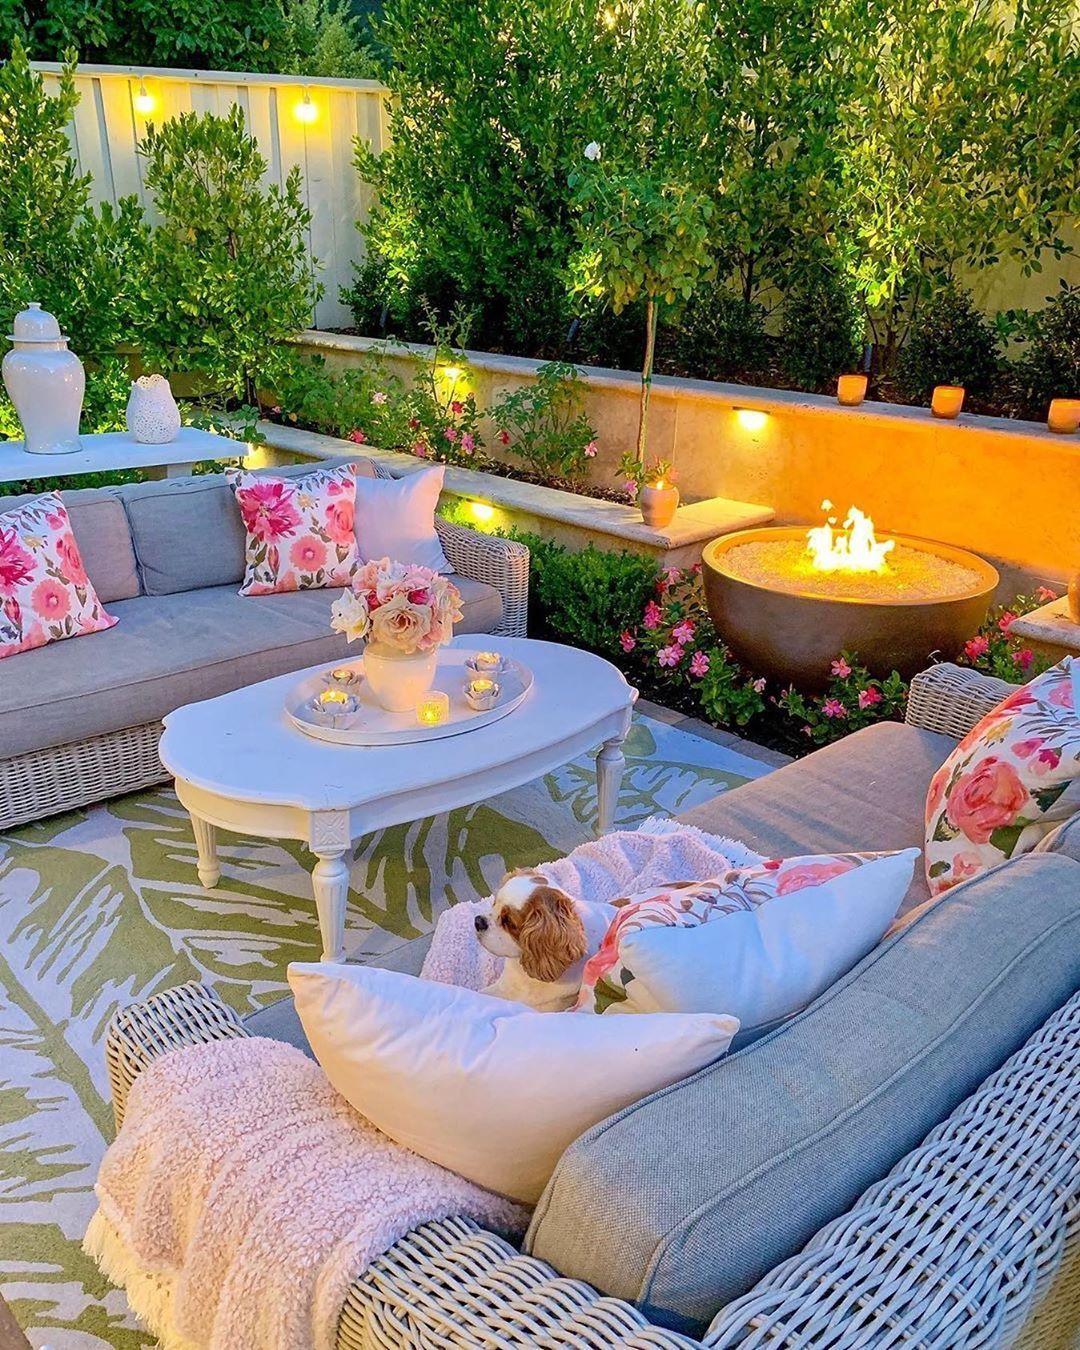 cffe9b48cfc107d47cb2241359f3de01 - Best Furniture Stores Palm Beach Gardens